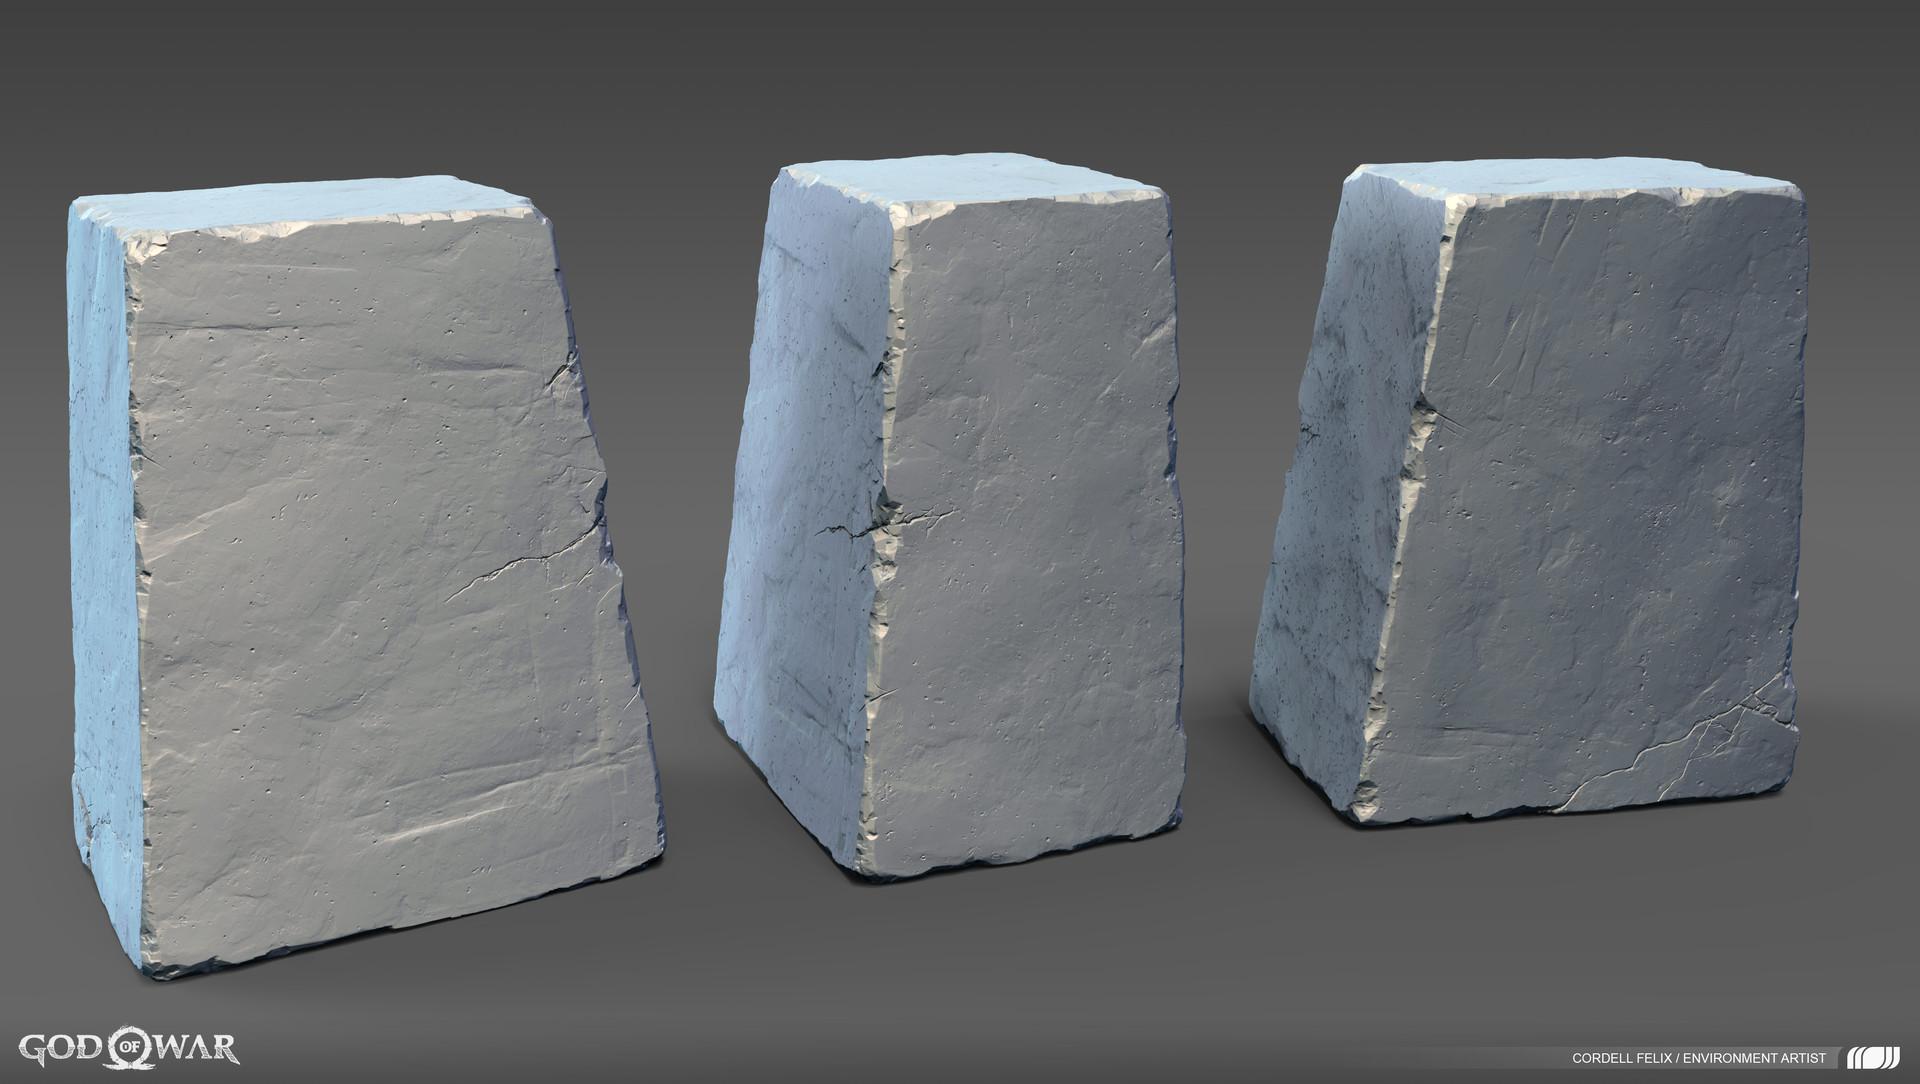 Cordell felix dk2 stonebases4skinnypillar 01